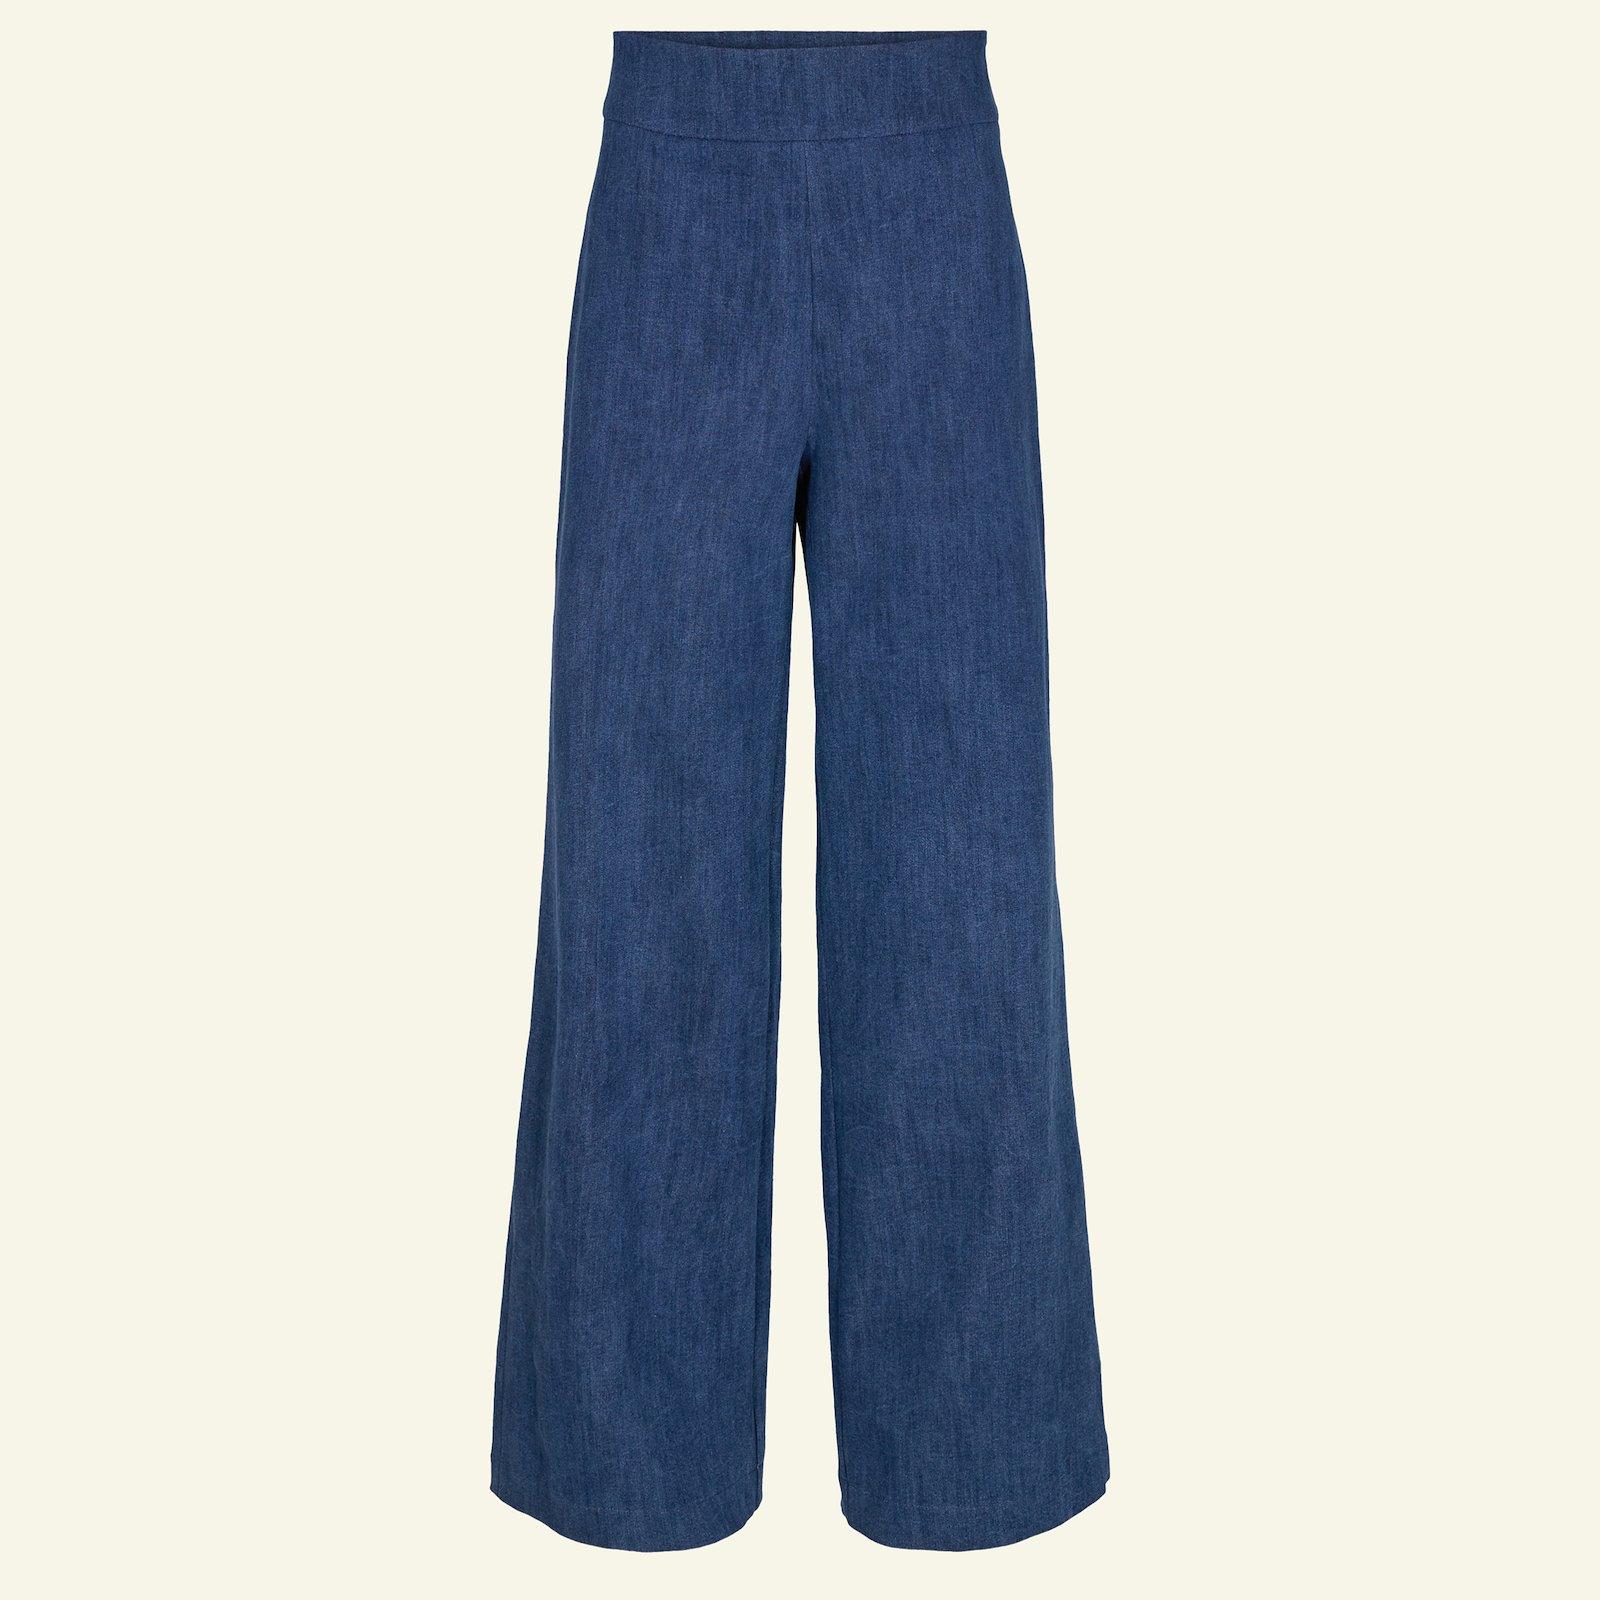 Denim with stretch 10,5 OZ denim blue p20052_460851_sskit